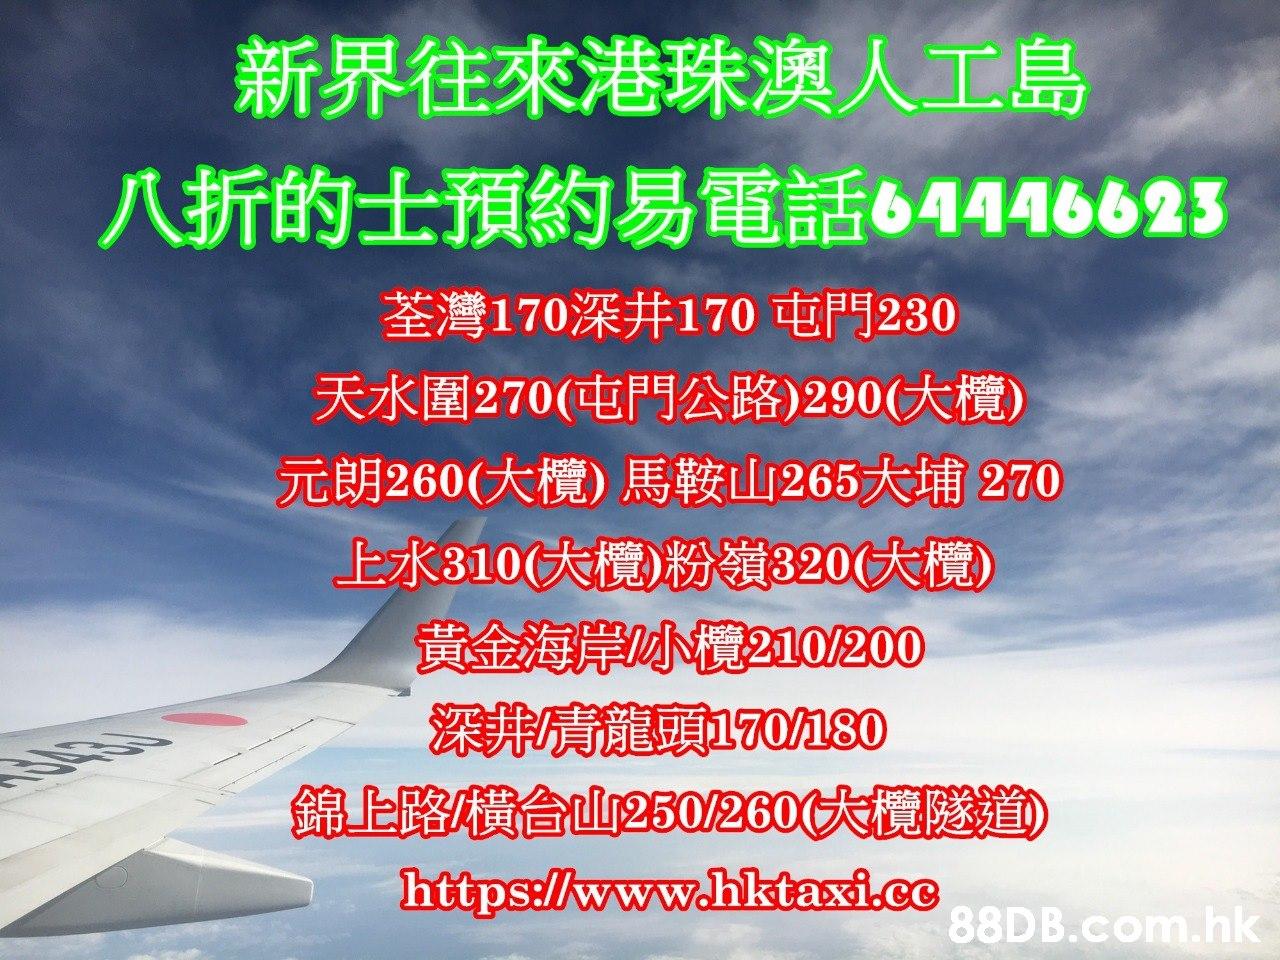 新界往來港珠澳人工島 八折的士預約易電話64446625 荃灣170深井170屯門230 天水圍270(屯門公路)290(大欖) 元朗260(大欖)馬鞍山265大埔270 上水310 (大欖)粉嶺320(大欖) に https:/www.hktaxi.co S:/lwww .hk  Text,Airline,Air travel,Sky,Font